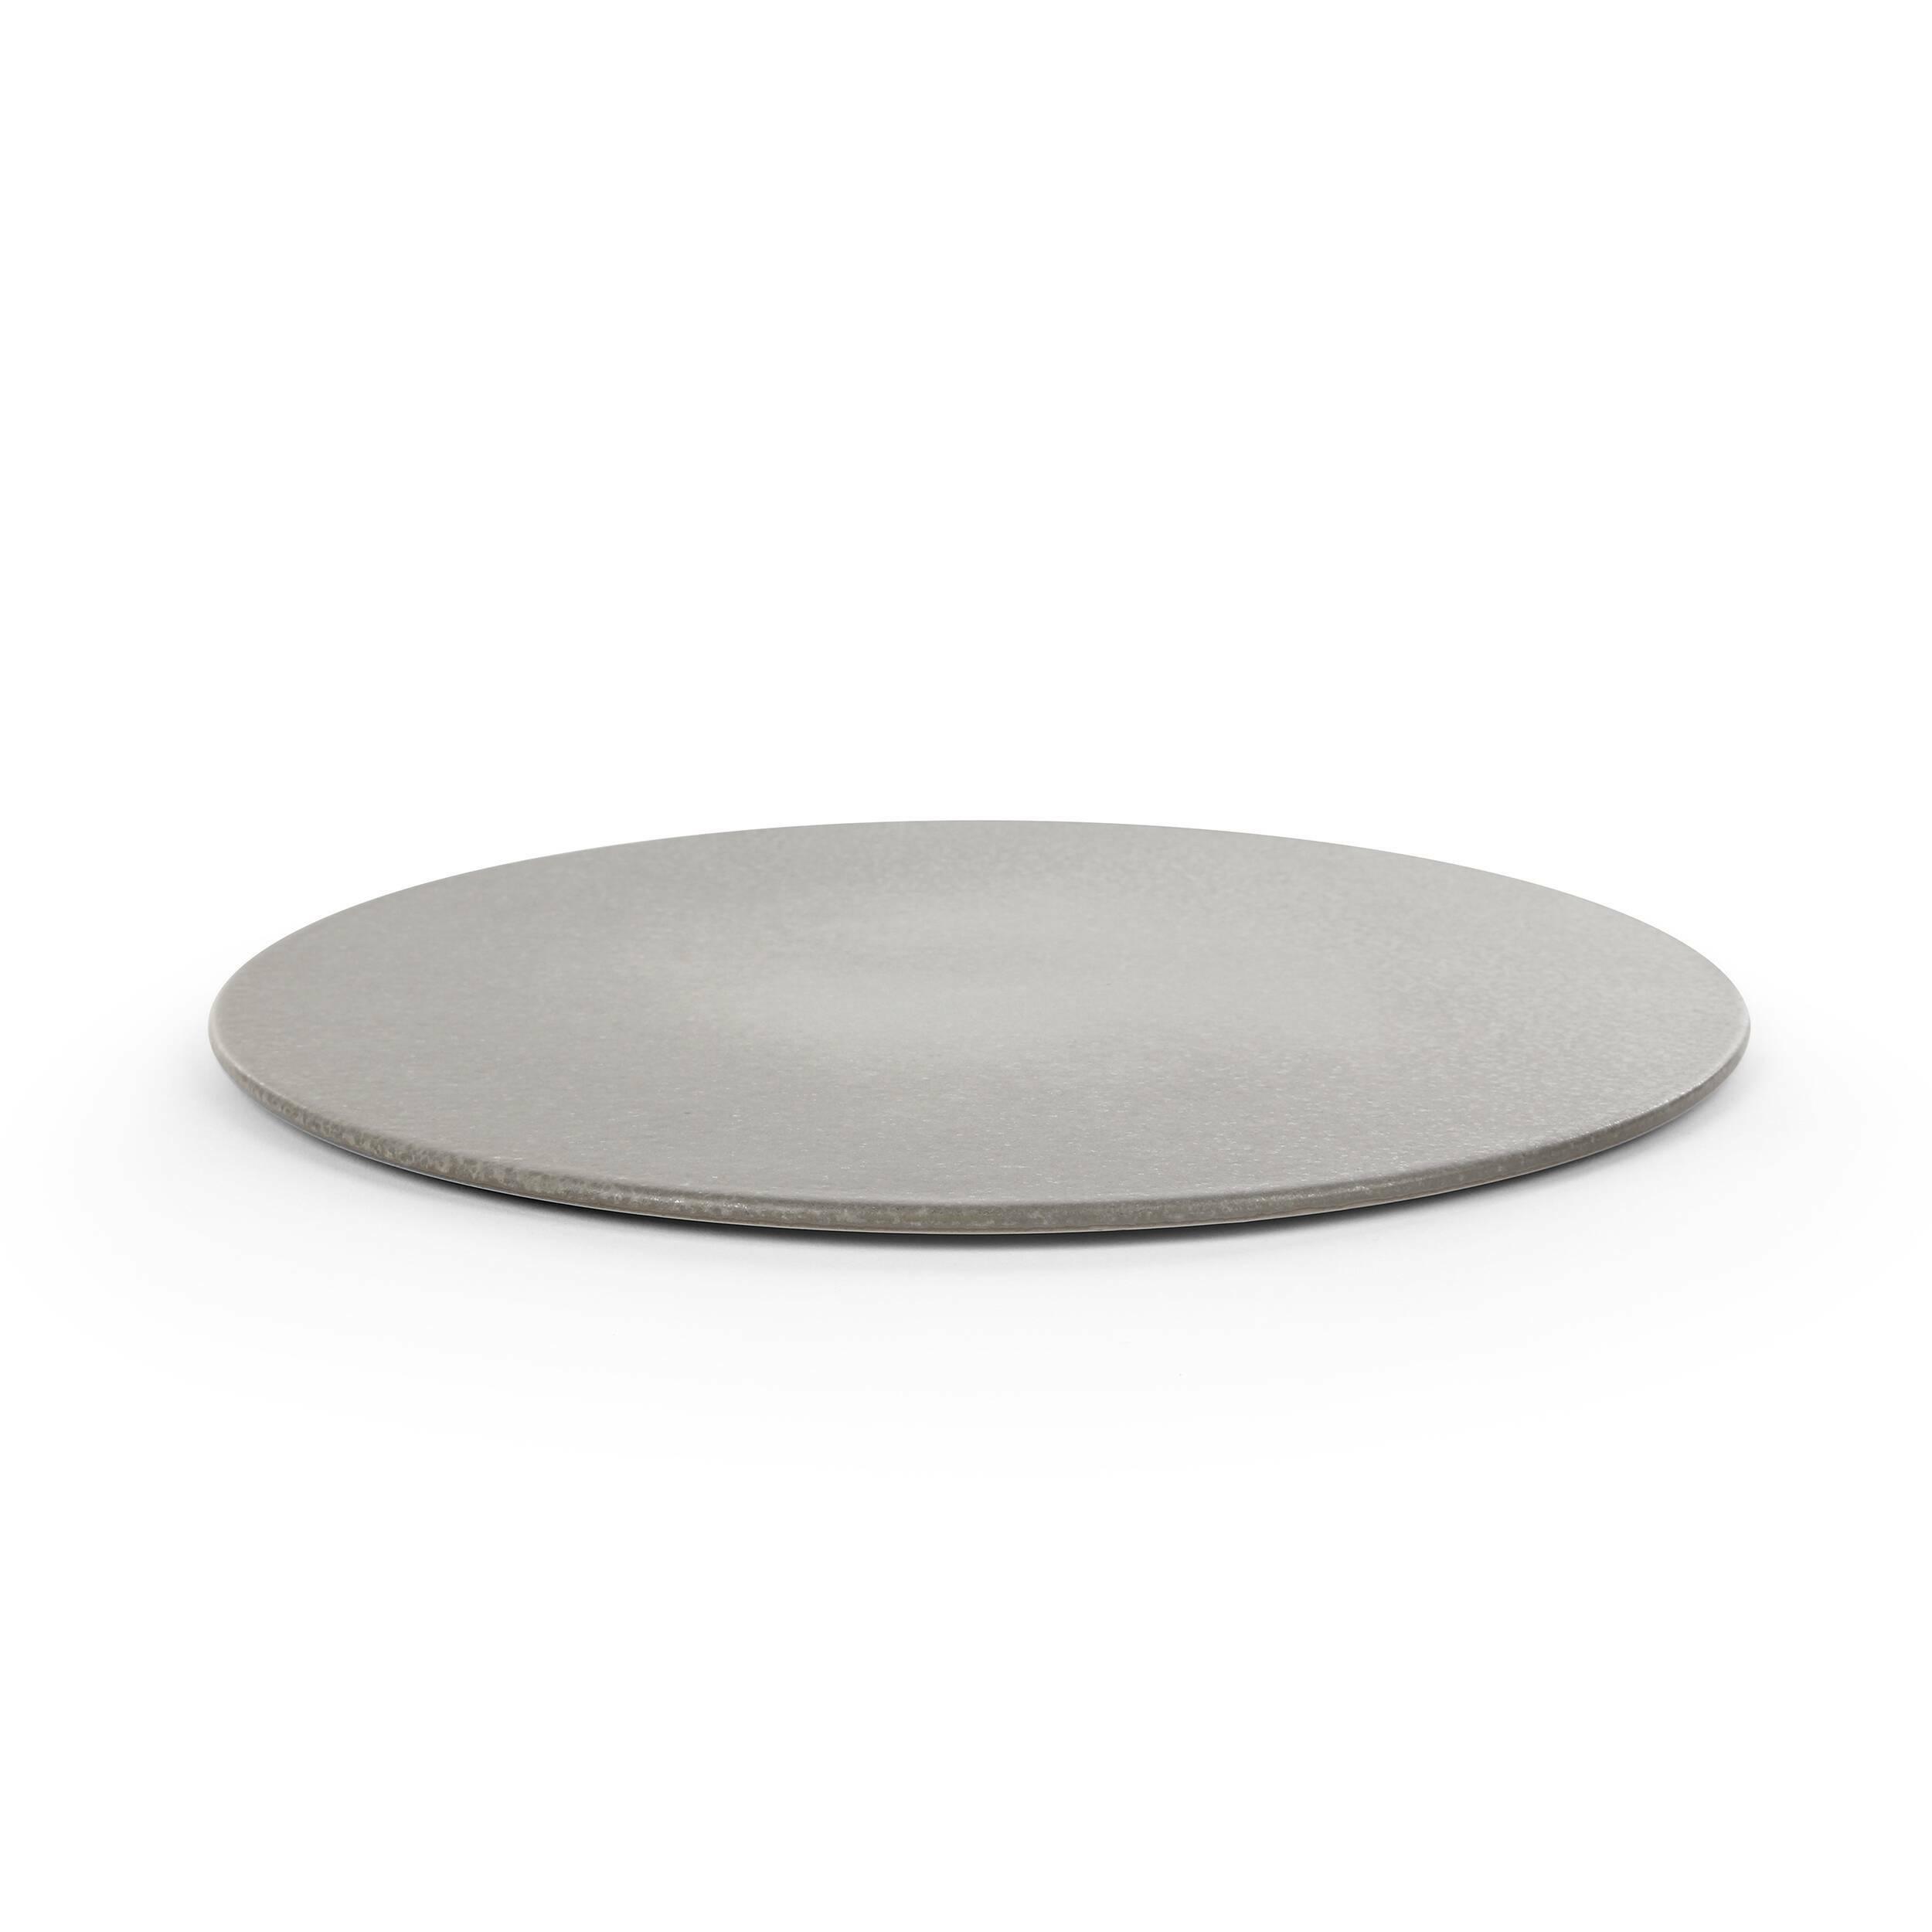 Тарелка Shell диаметр 33Посуда<br>Неповторимый восточный стиль, в минимализме которого кроется утонченная красота и грация – это потрясающий источник вдохновения для современных дизайнеров. Коллекция оригинальных тарелок Shell представляет собой уникальные формы и линии, которые красиво преподнесут приготовленное блюдо и украсят ваш обеденный стол.<br><br><br> Коллекция изготовлена из глины – природного, экологичного материала, которым издавна украшают свои дома даже самые зажиточные люди. Все тарелки выполнены в своей особой ...<br><br>stock: 49<br>Высота: 1,7<br>Материал: Глина<br>Цвет: Серый<br>Диаметр: 33